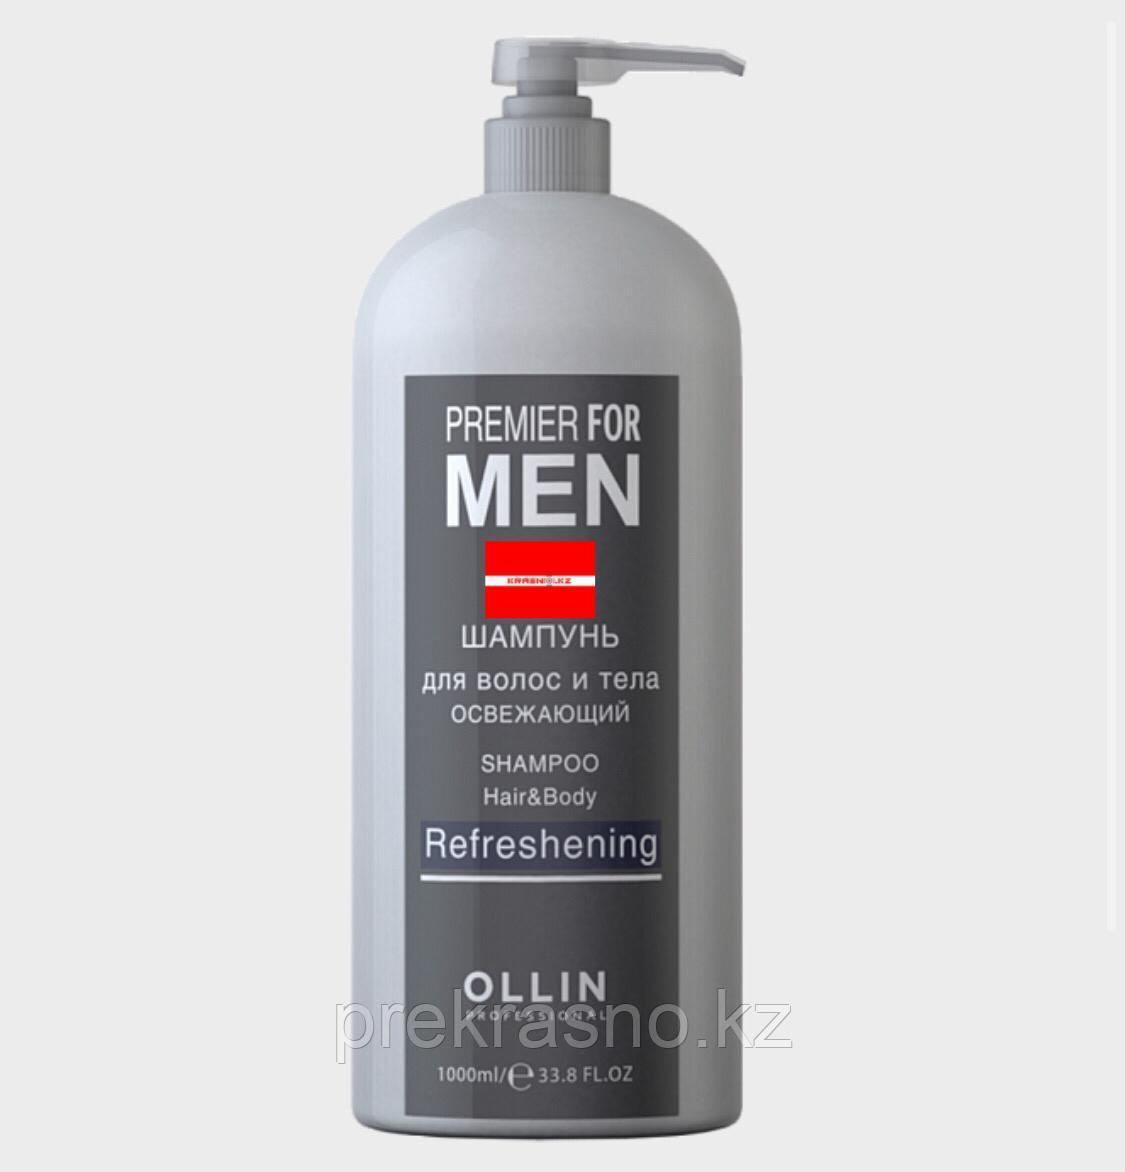 Шампунь 1л для волос и тела освежающий Ollin Premier For Men